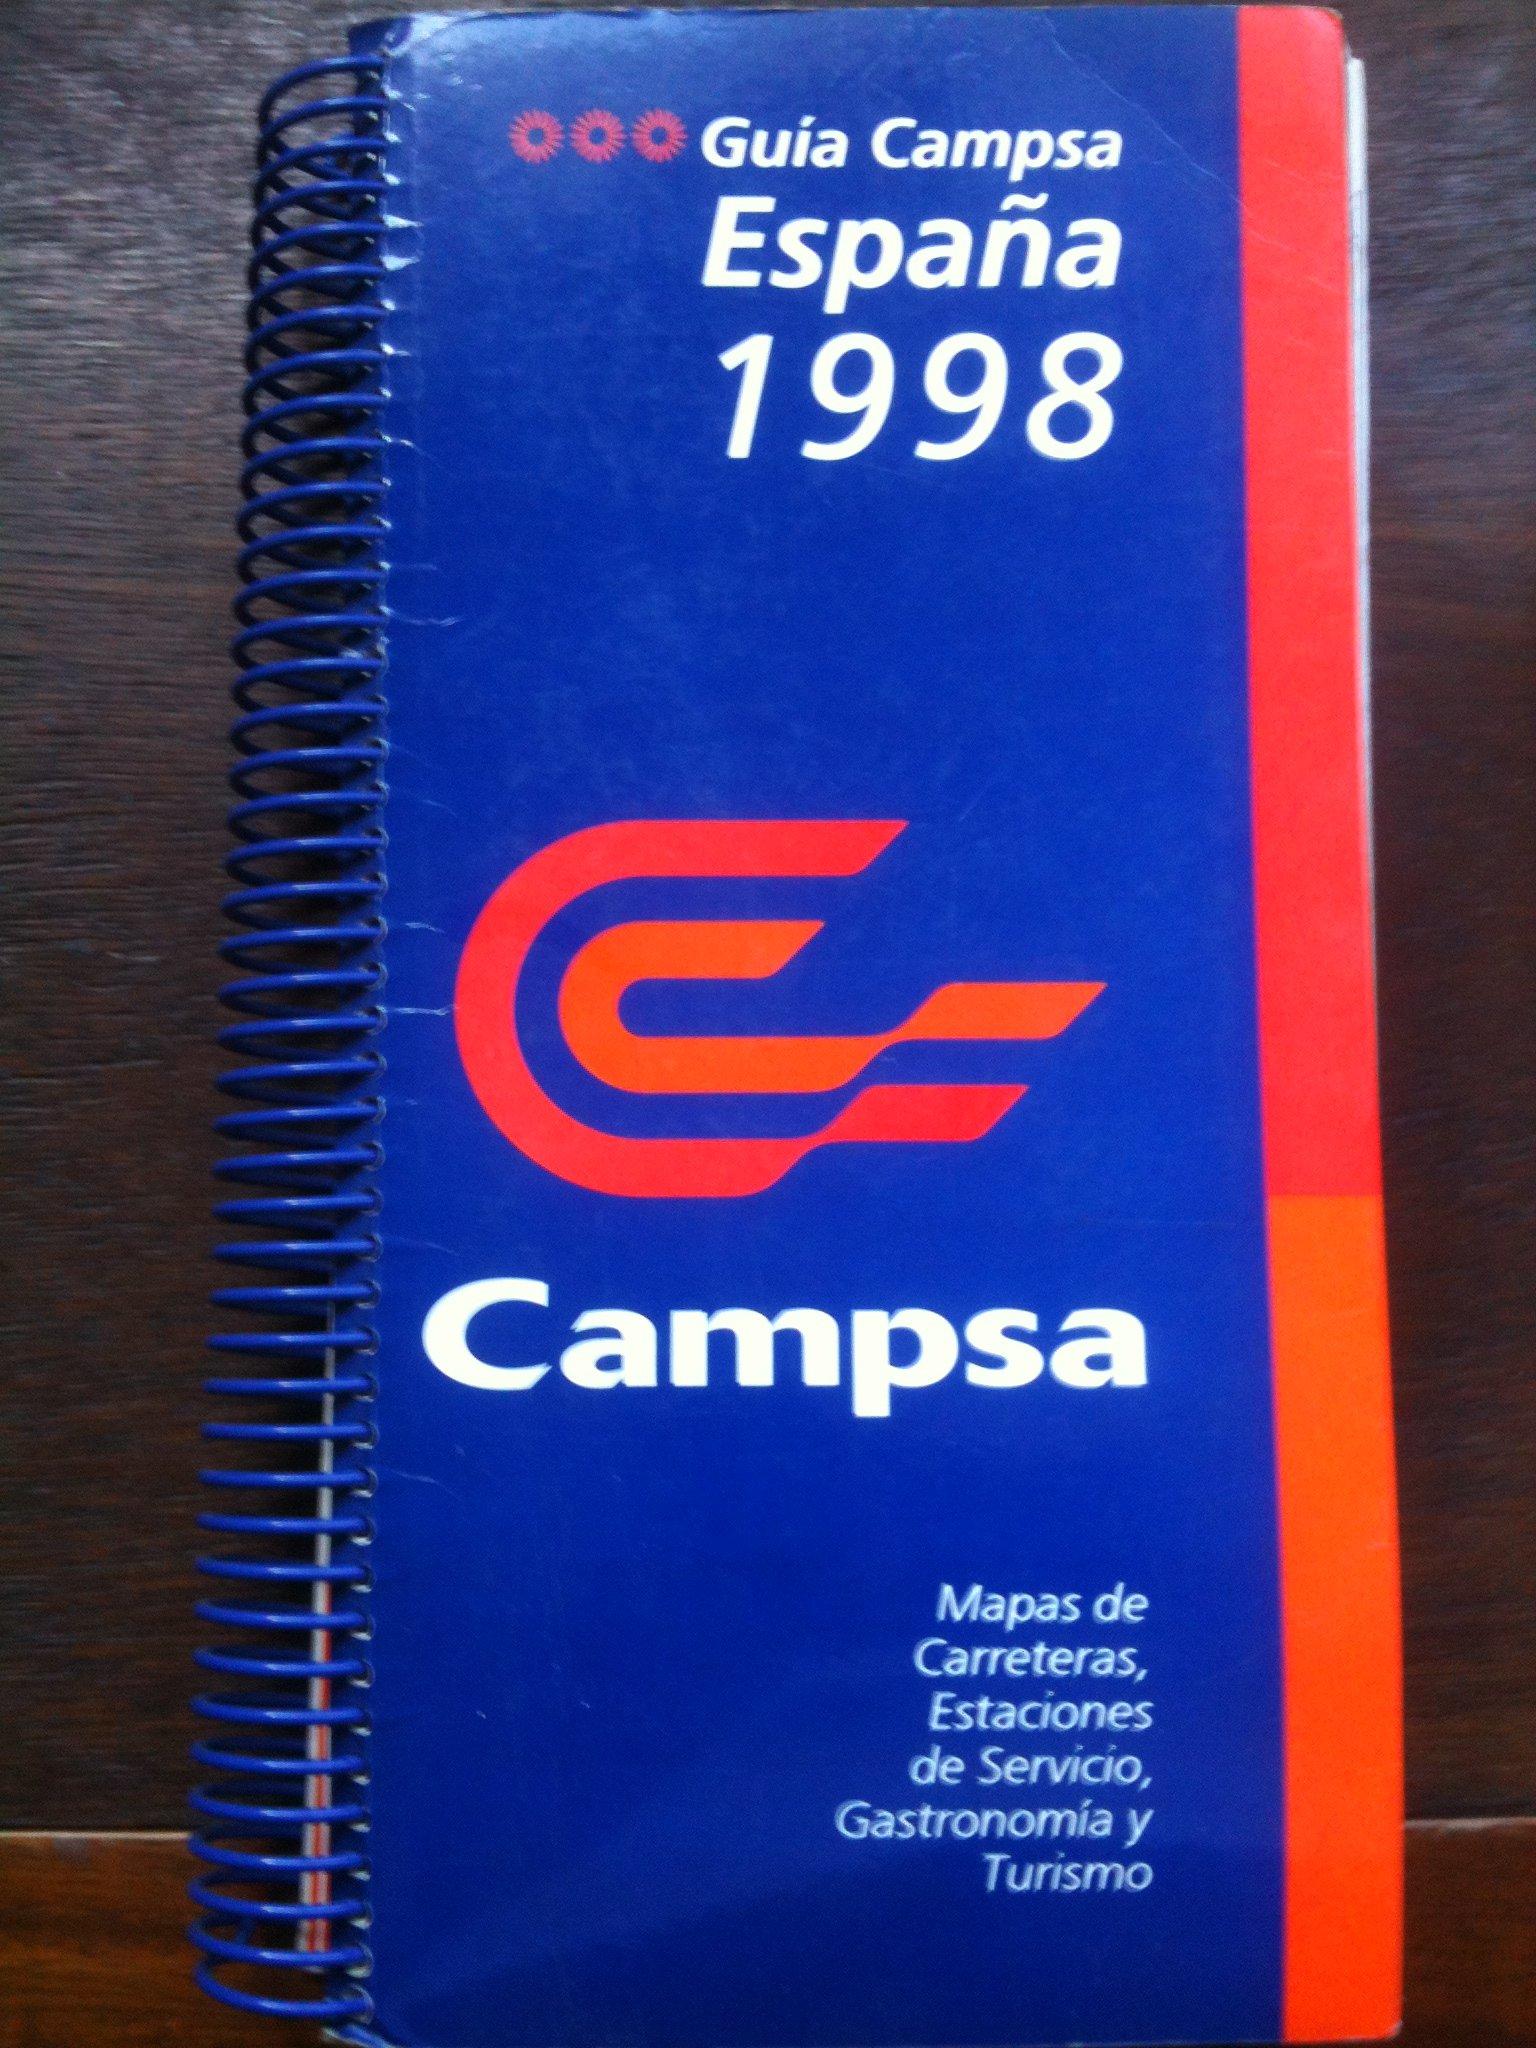 GUÍA CAMPSA,ESPAÑA,1998-MAPAS DE CARRETERAS,GASOLINERAS,GASTRONOMÍA Y TURISMO: Amazon.es: campsa: Libros